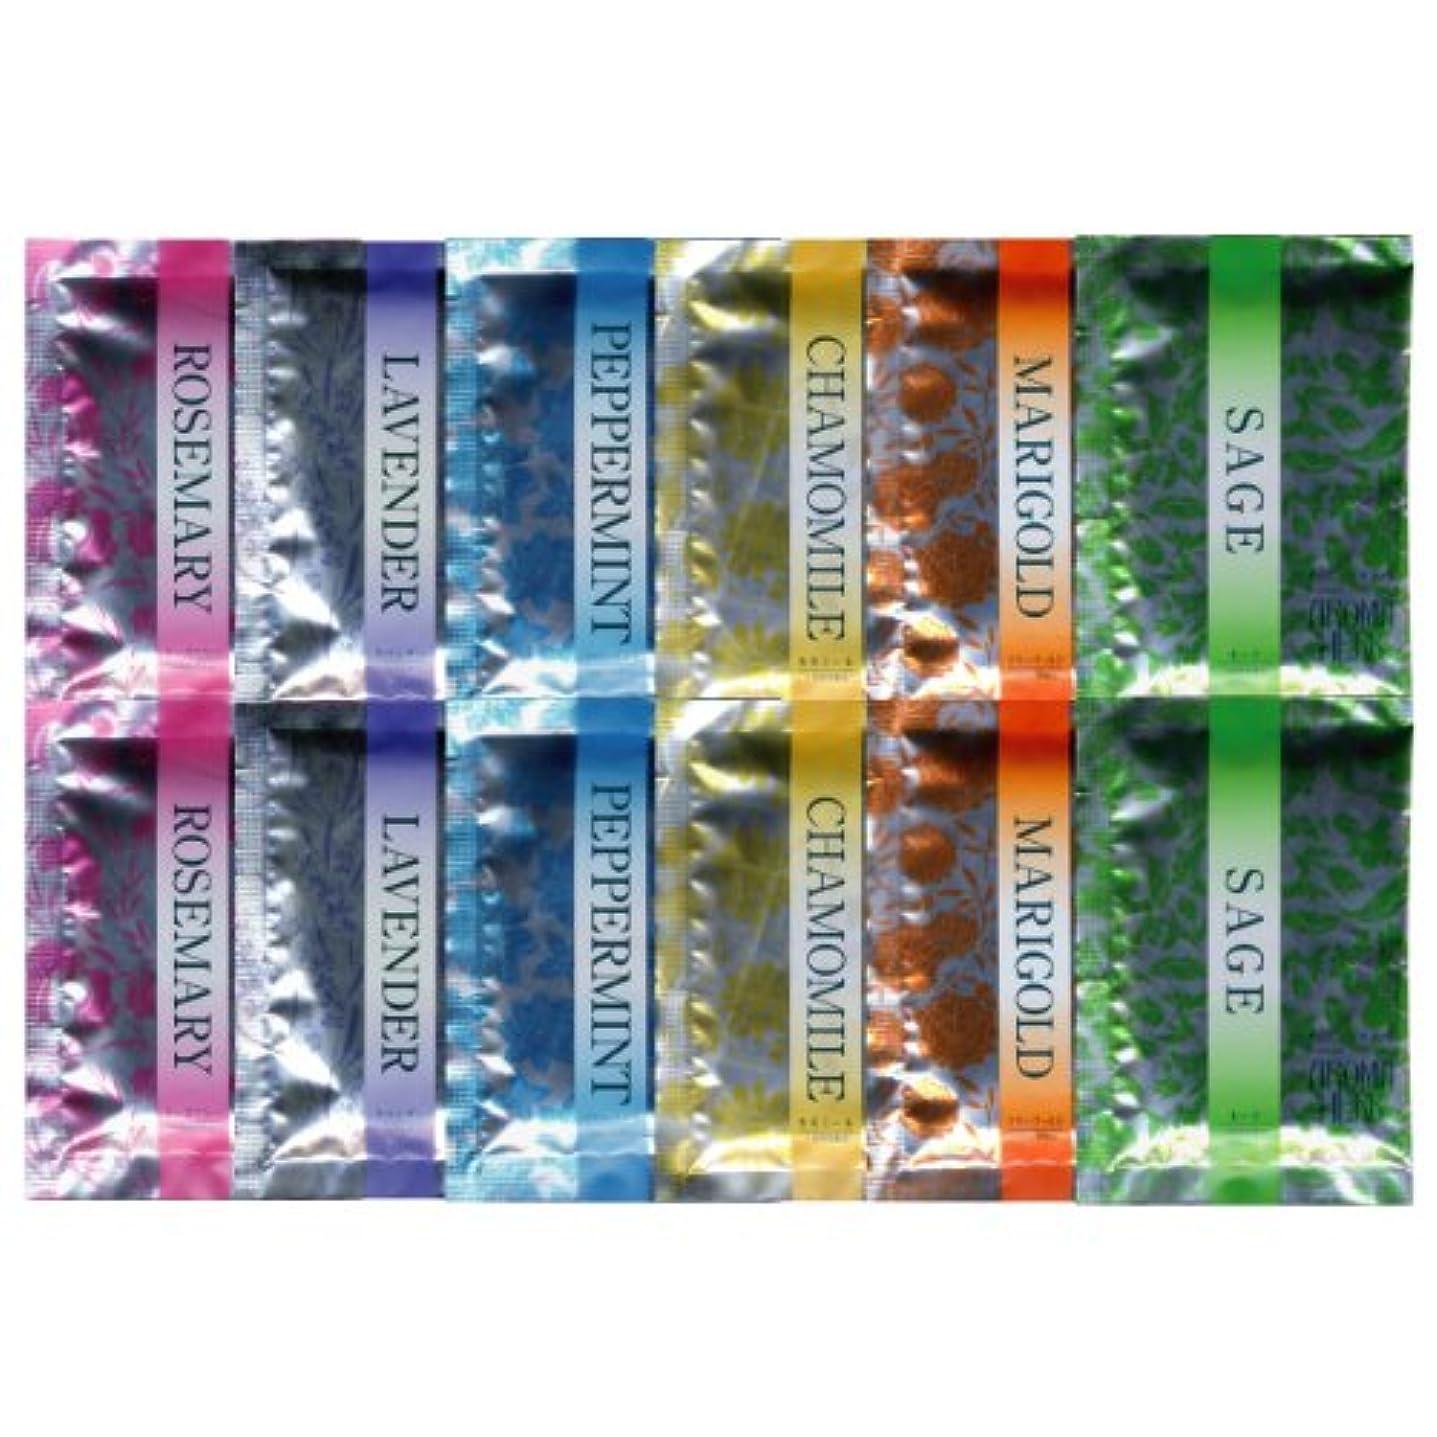 アロマハーブ 香りの物語 6種類×2 12包